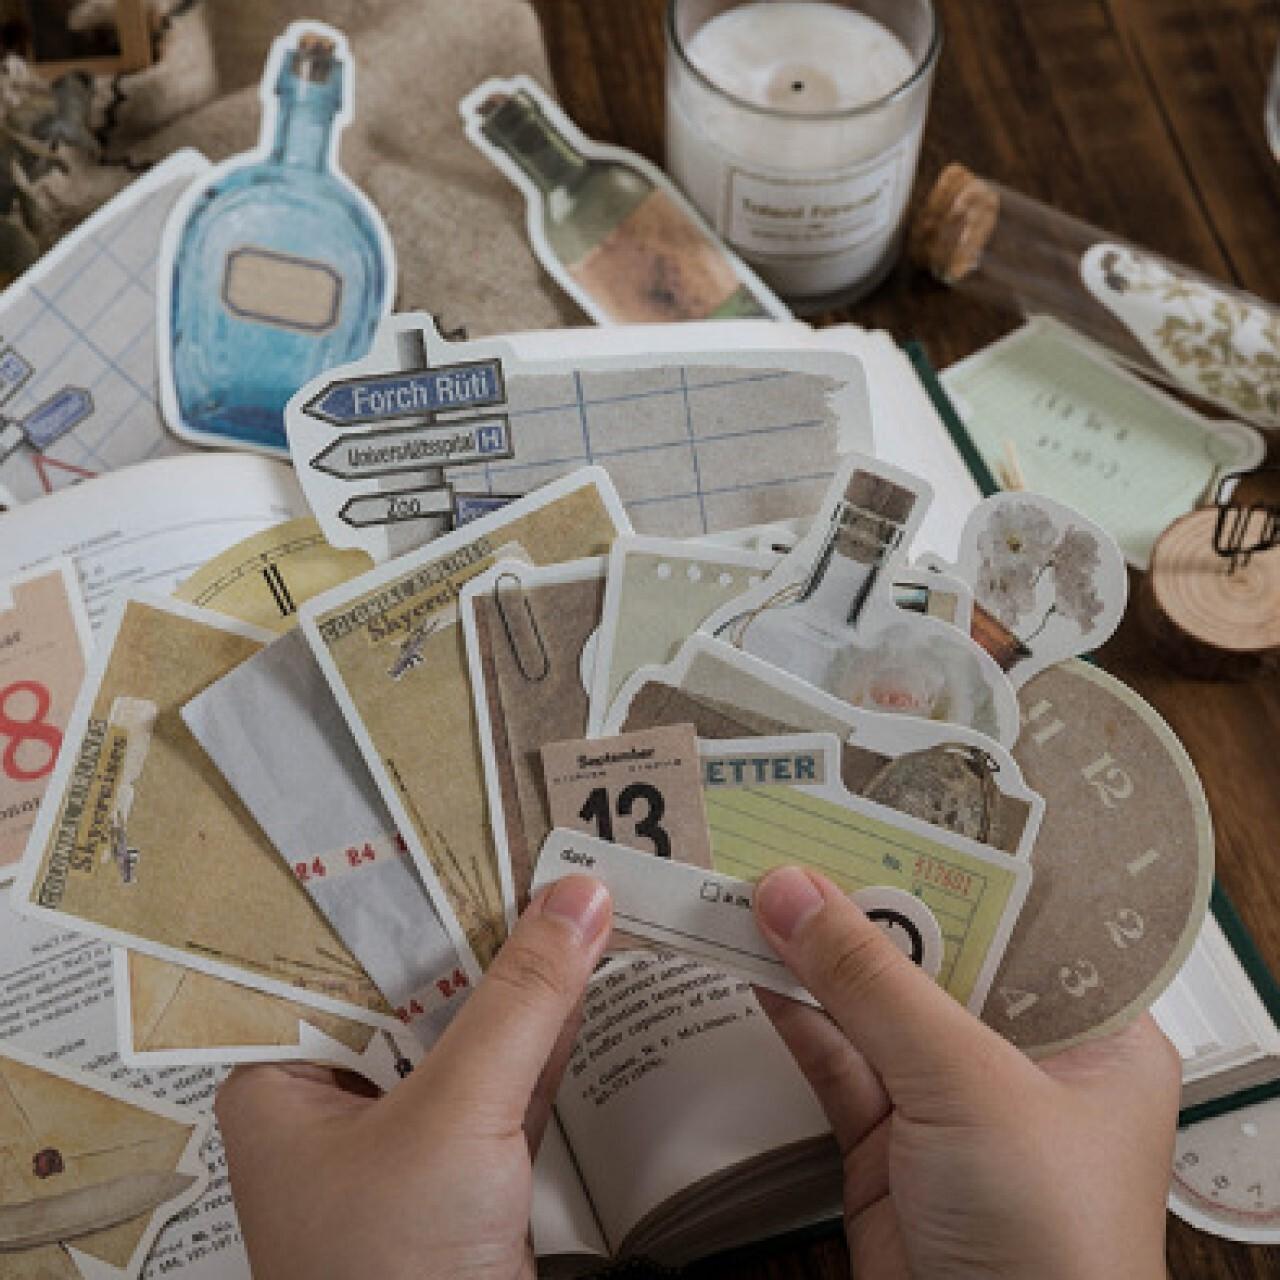 紙もの Retro style 全4種 ジャンクジャーナル コラージュ 素材 ボトル 旅行 時間 メモ レトロスタイル D01